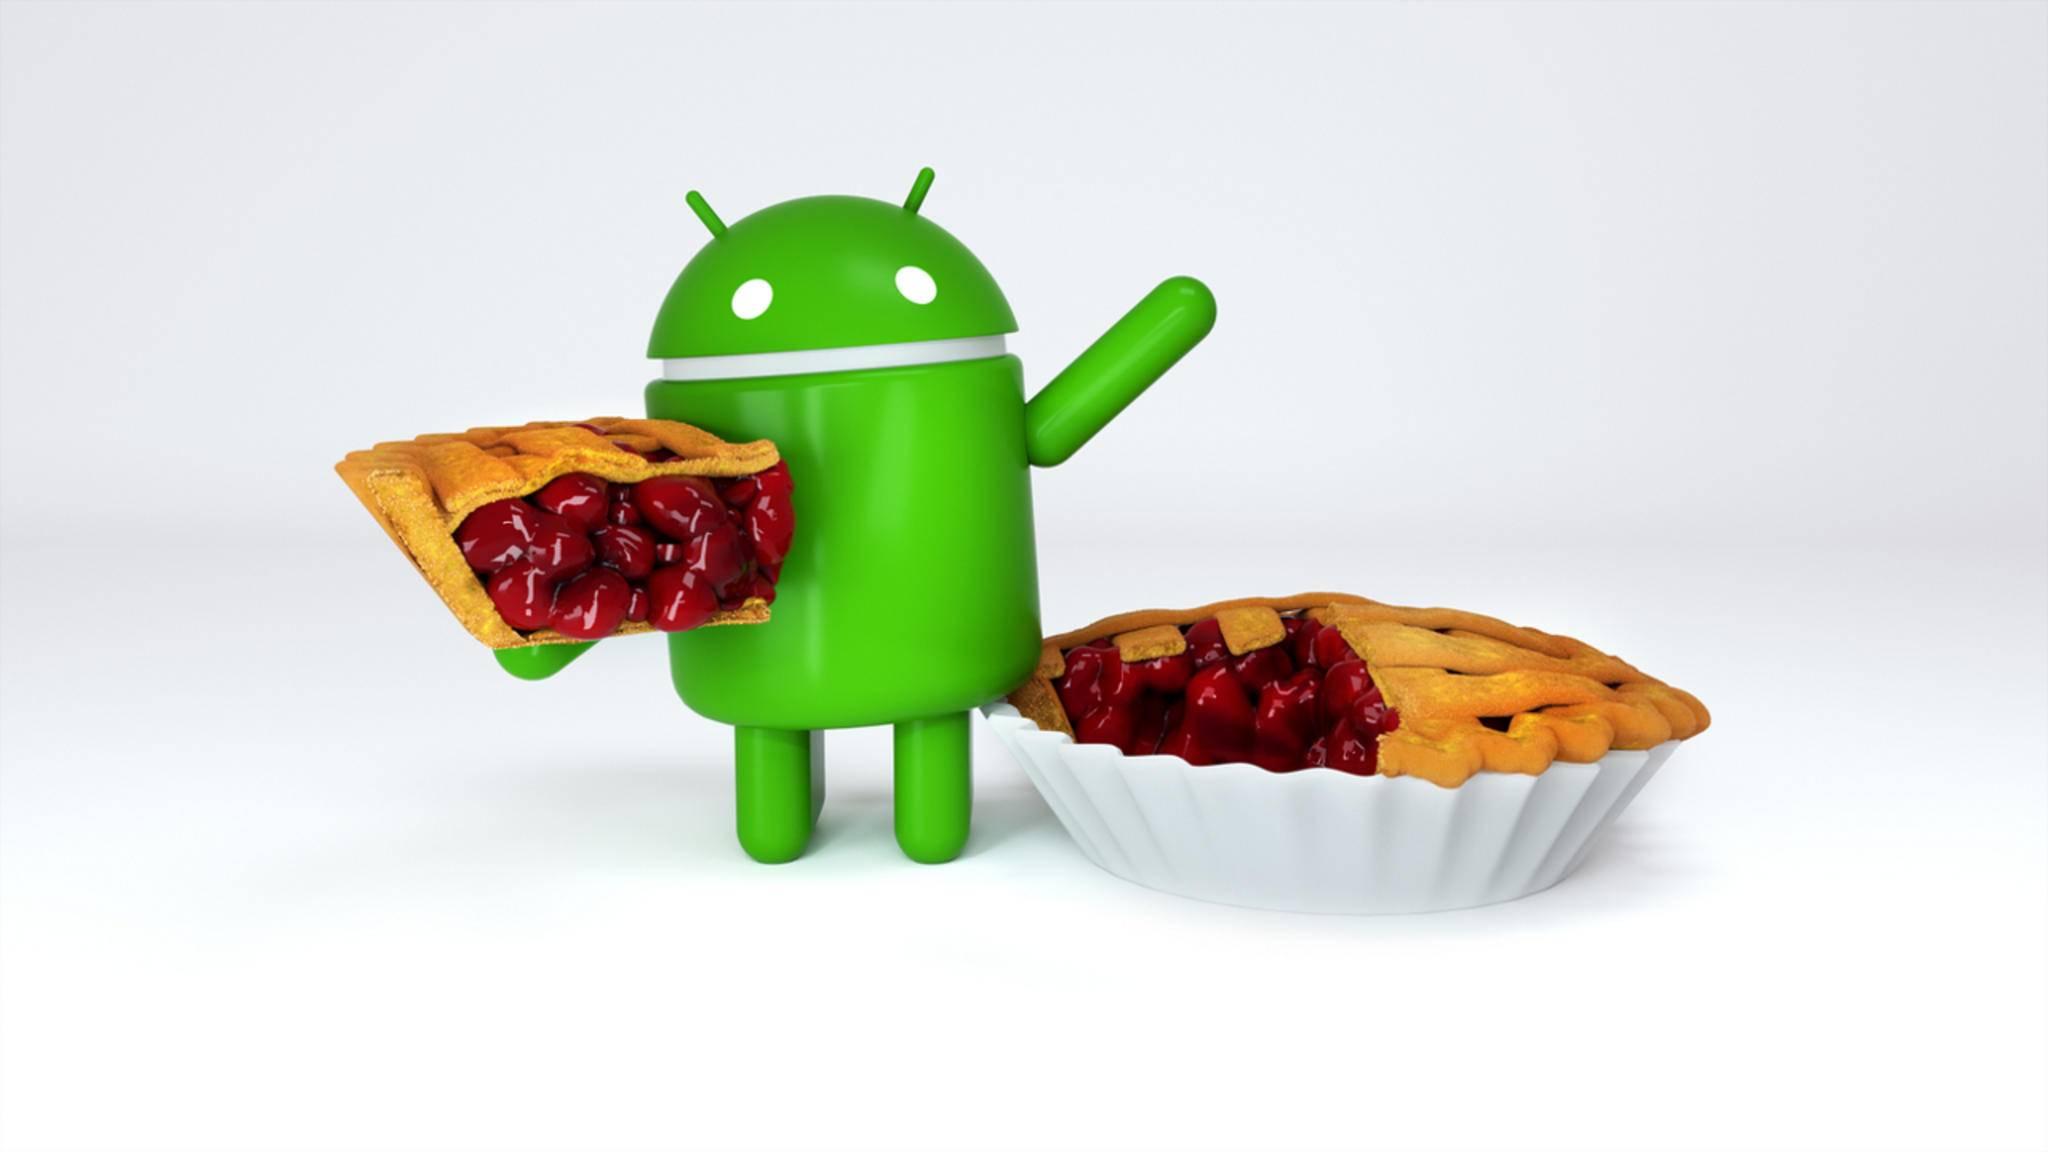 Der Android-Pie-Kuchen wird den Anbietern von Anruf-Aufzeichnungs-Apps nicht schmecken.